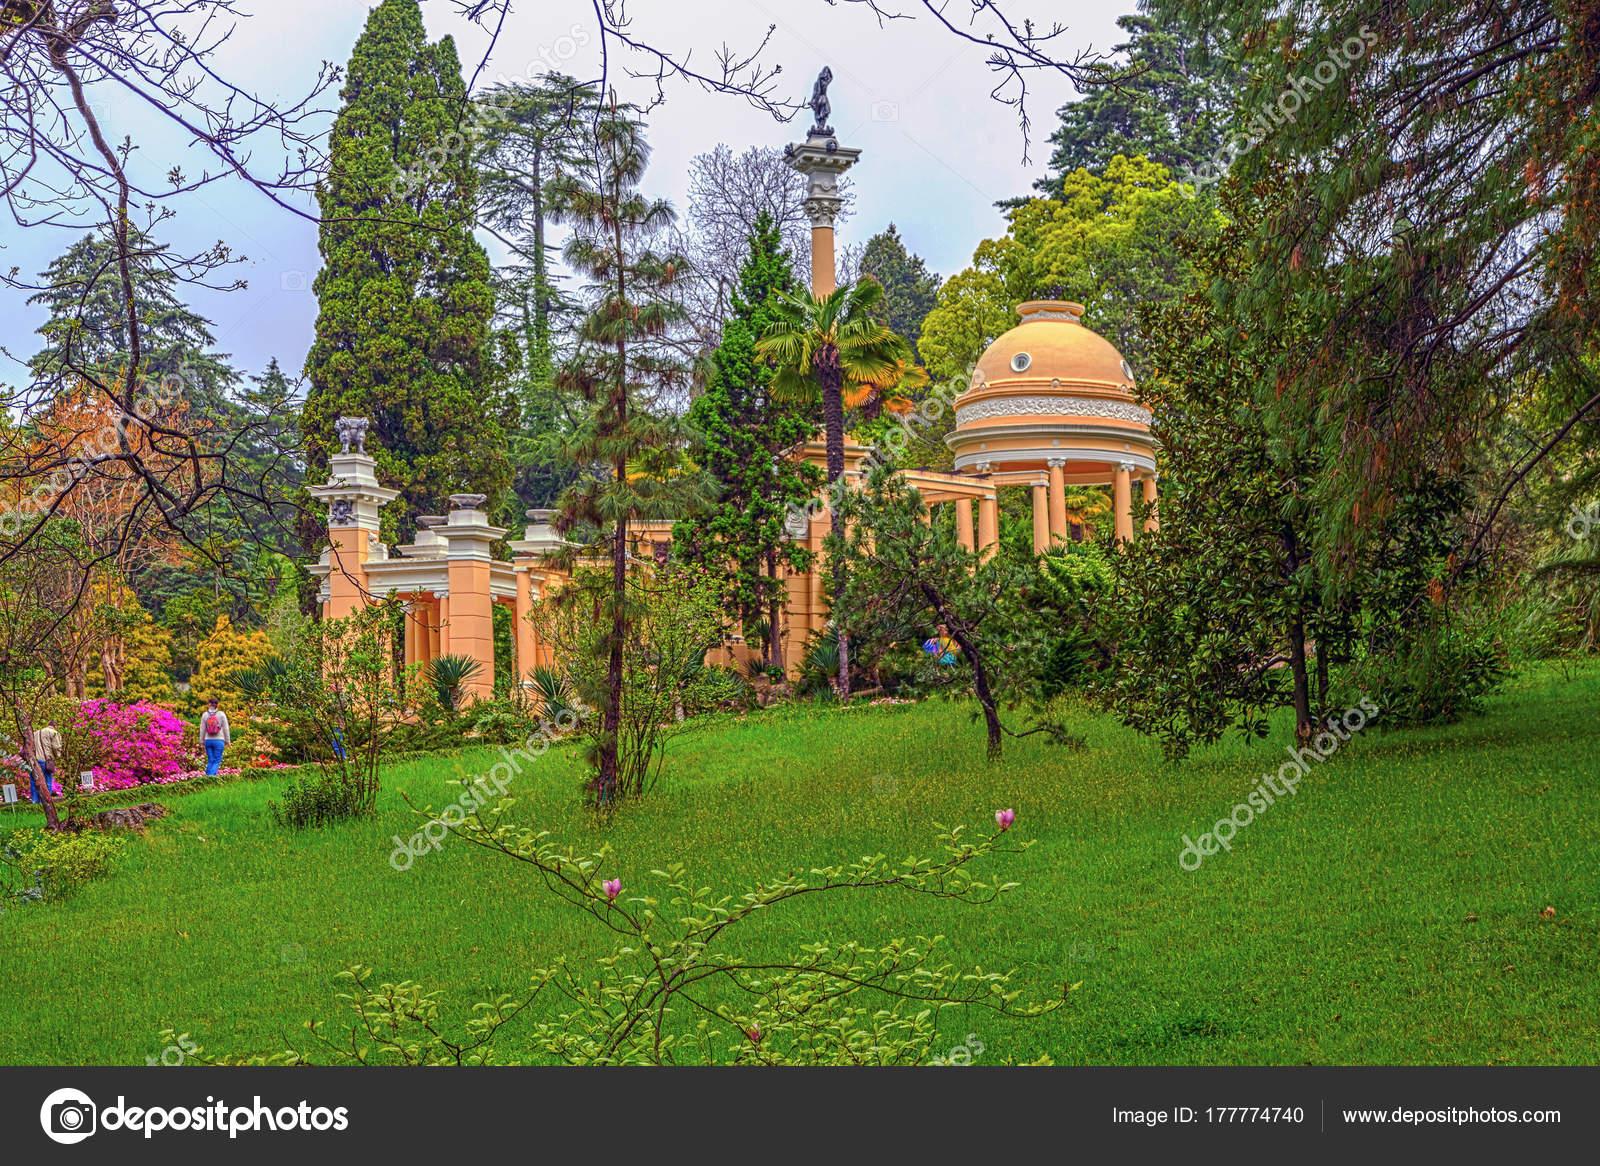 Sochi Arboretum is a museum of nature 66